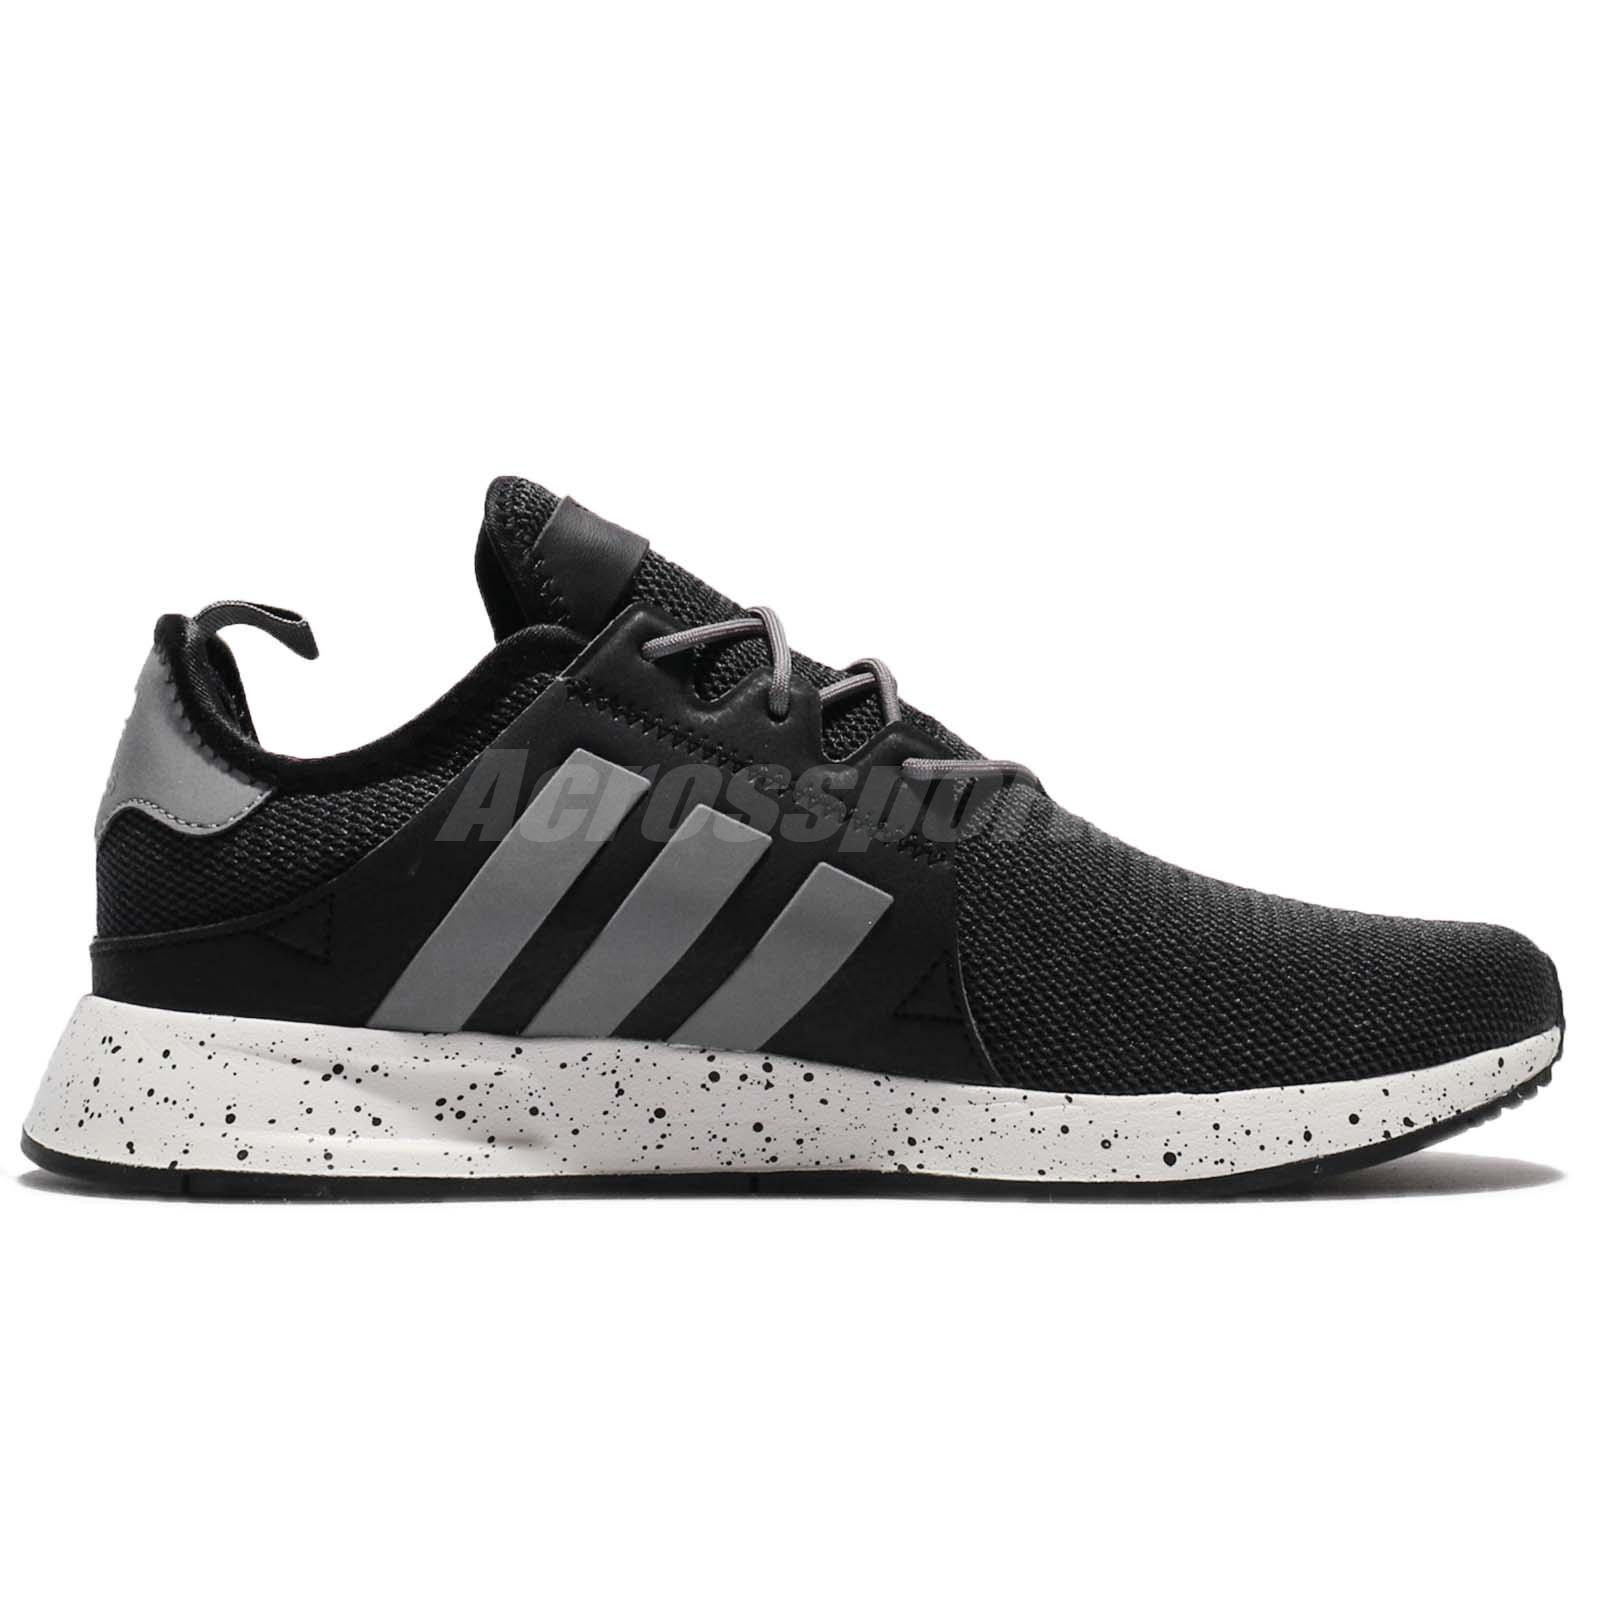 X_PLR Trainers In Black BY9254 - Black adidas Originals Hnw1n6MnD